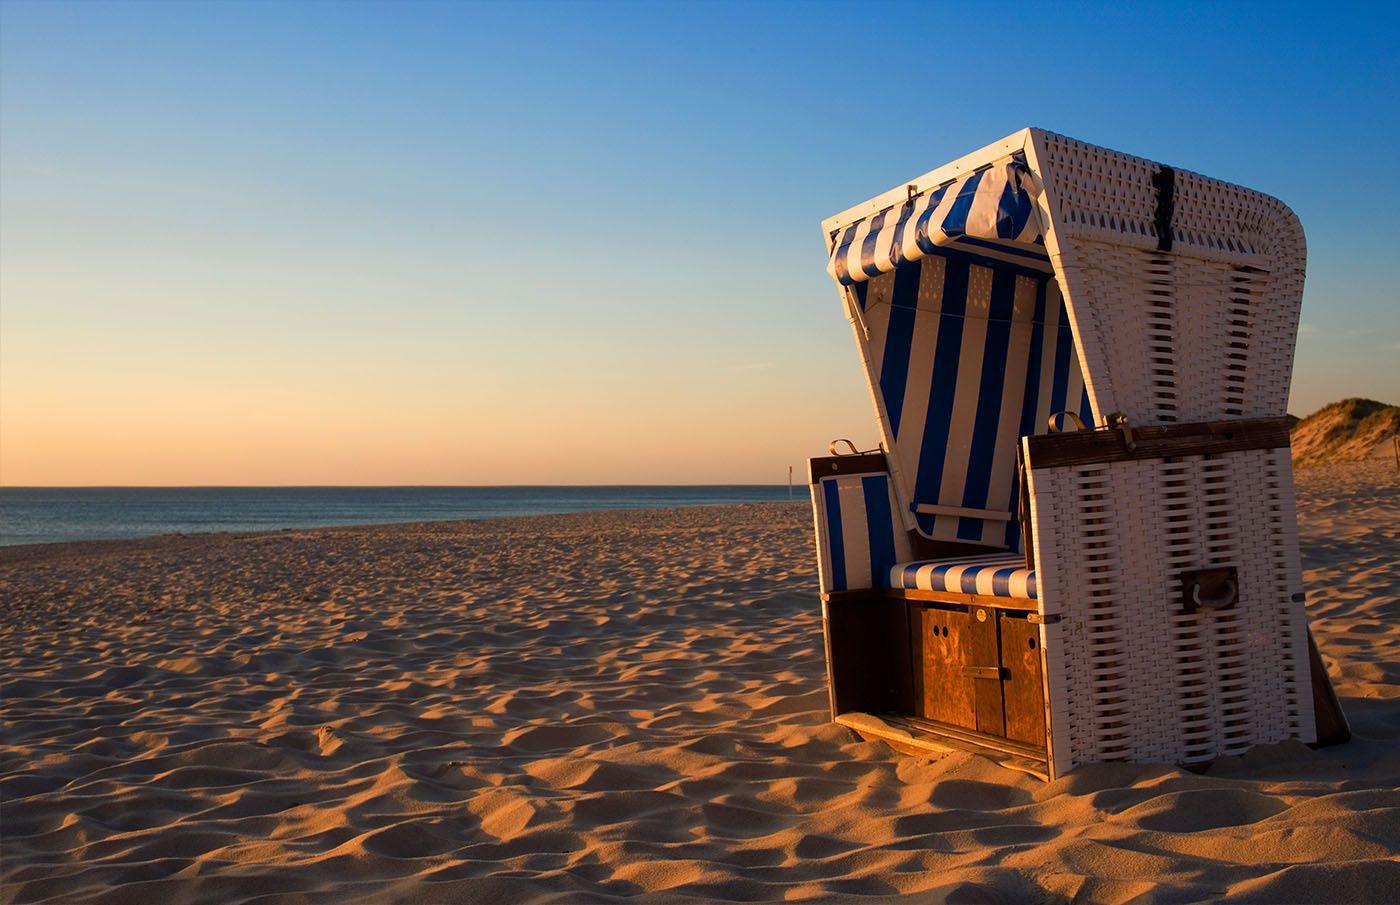 Pin En Playas Nudistas En Europa Que Merece La Pena Visitar